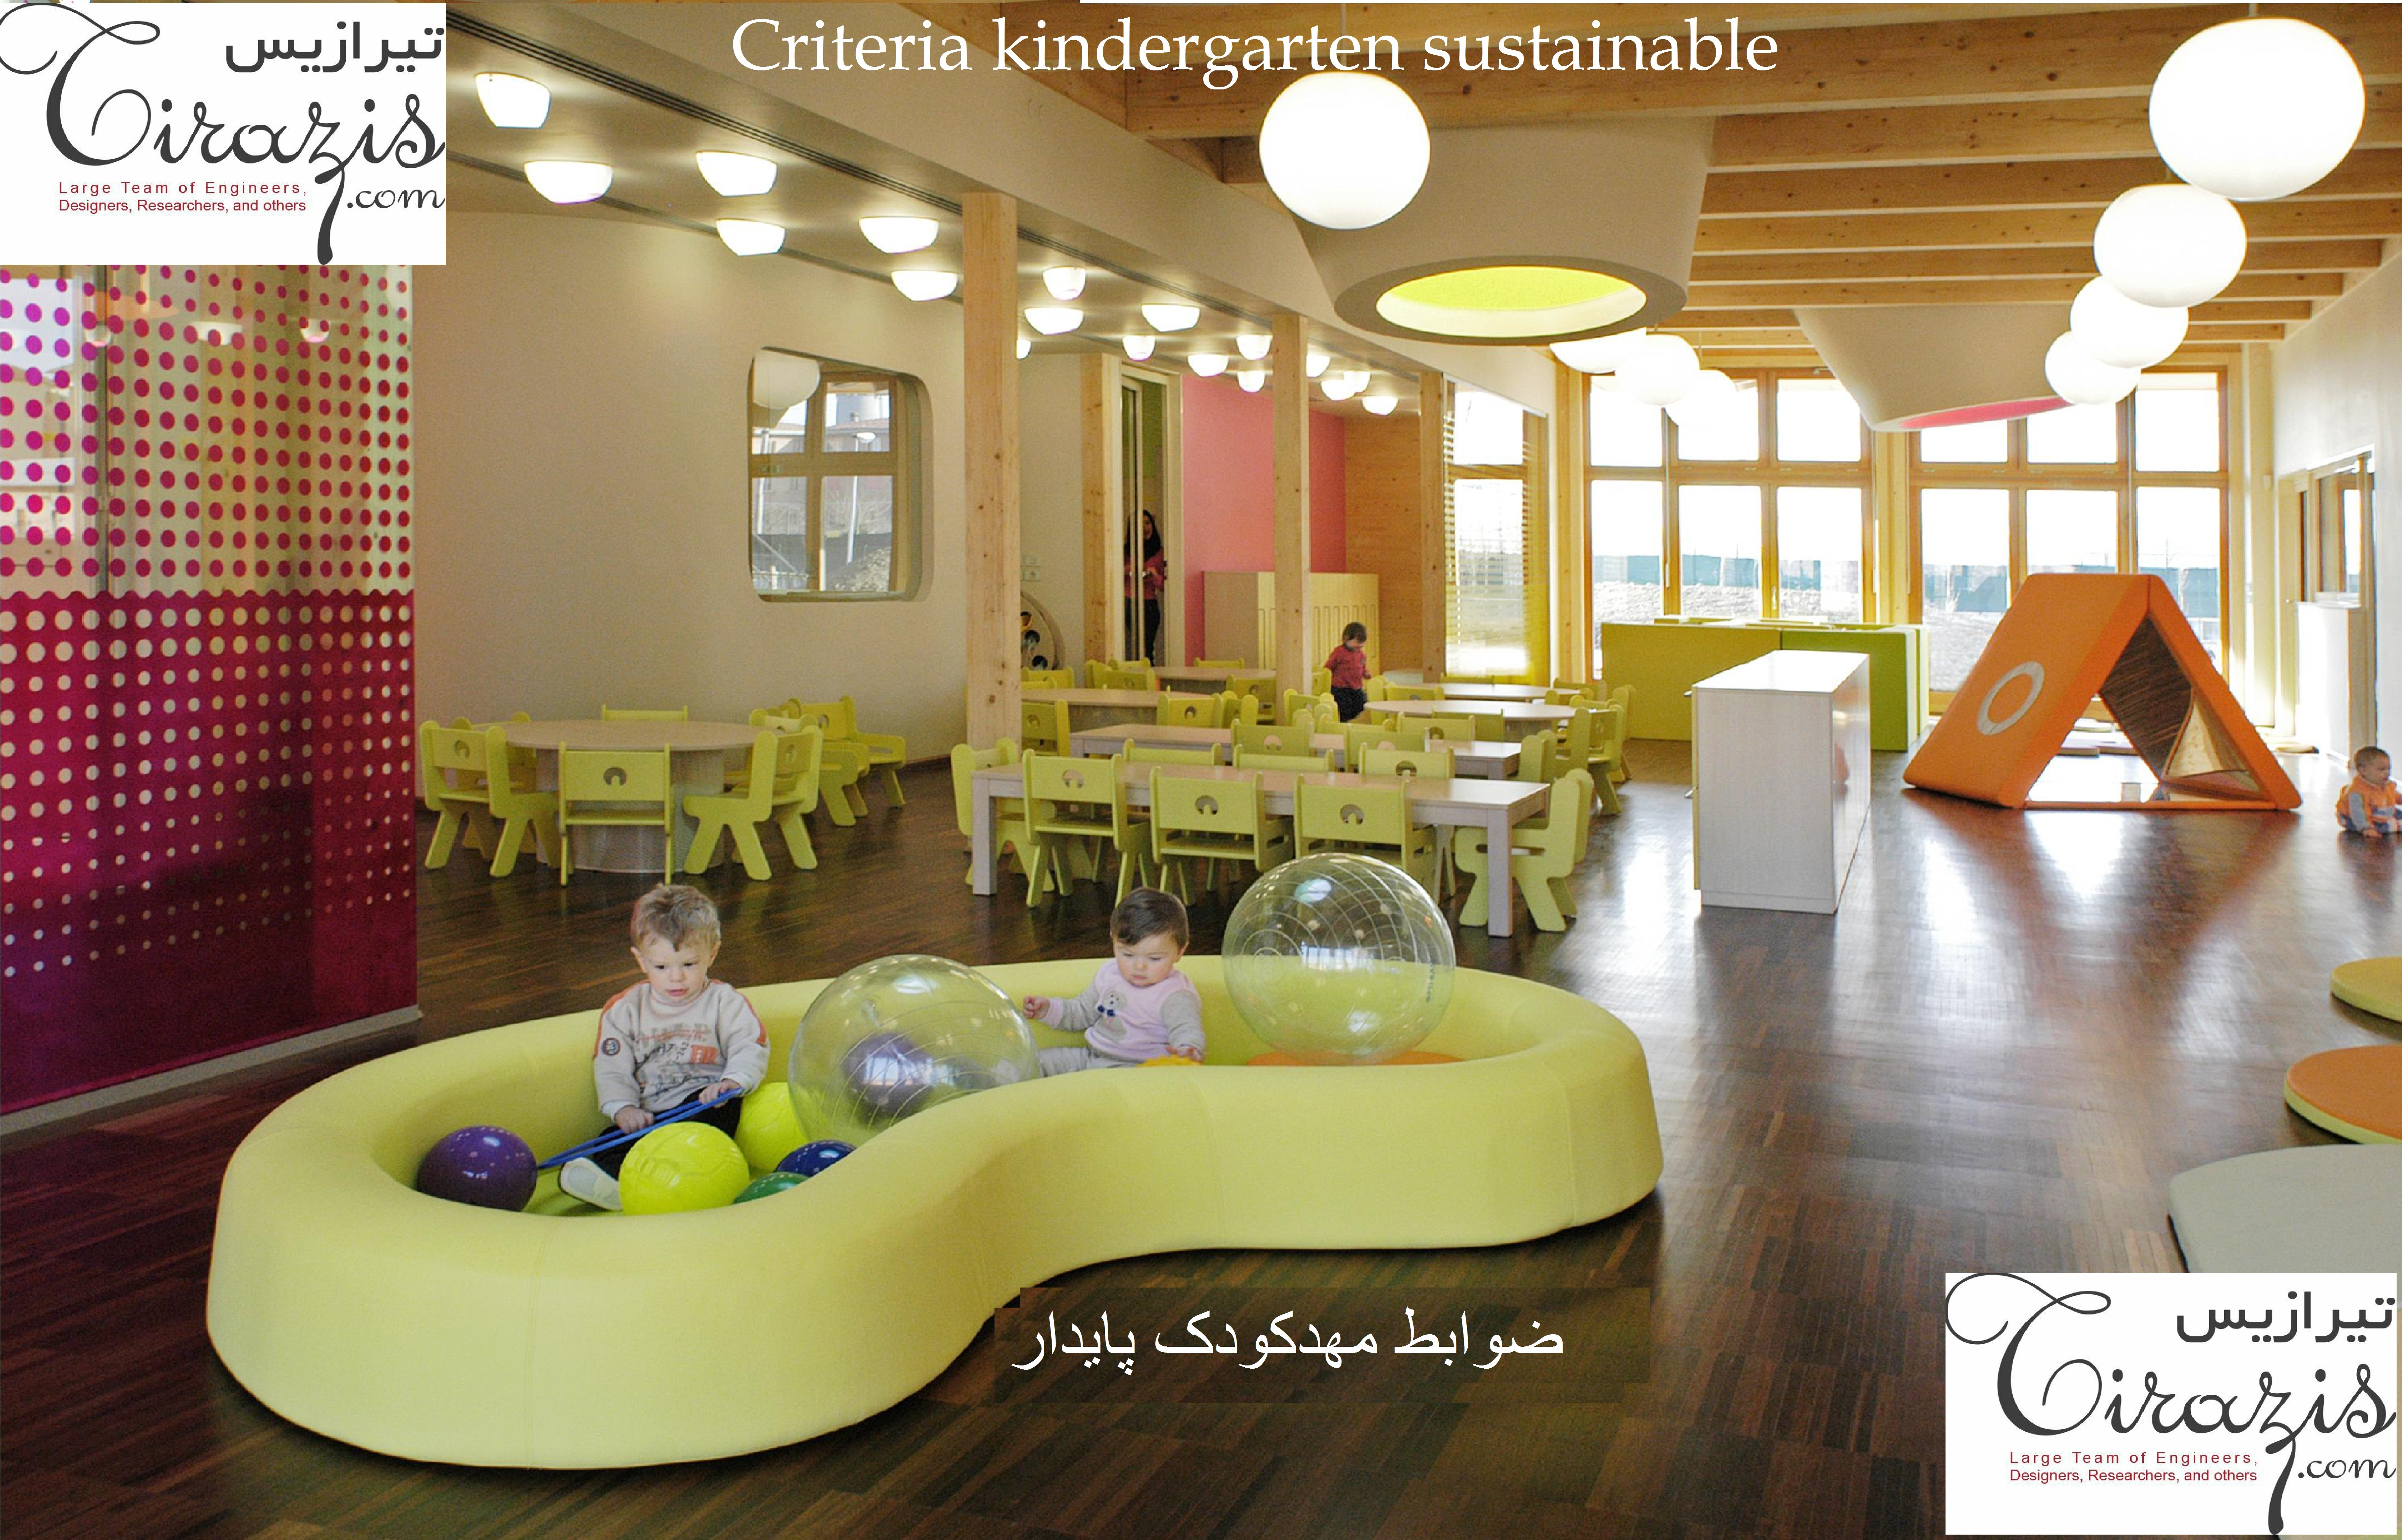 ضوابط طراحی مهدکودک پایدار - Sustainable Kindergarten design criteria